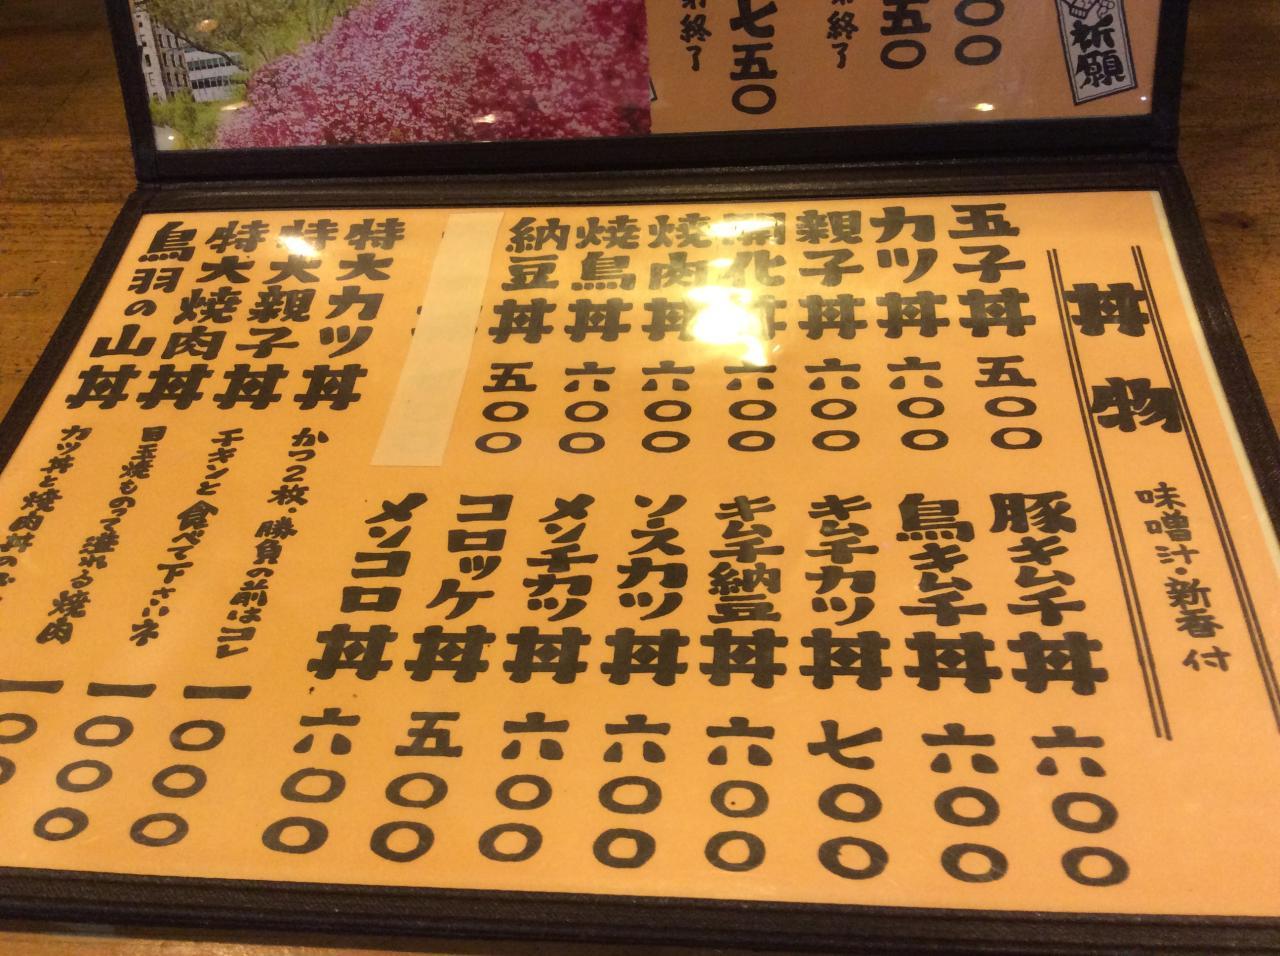 伊東食堂(メニュー)